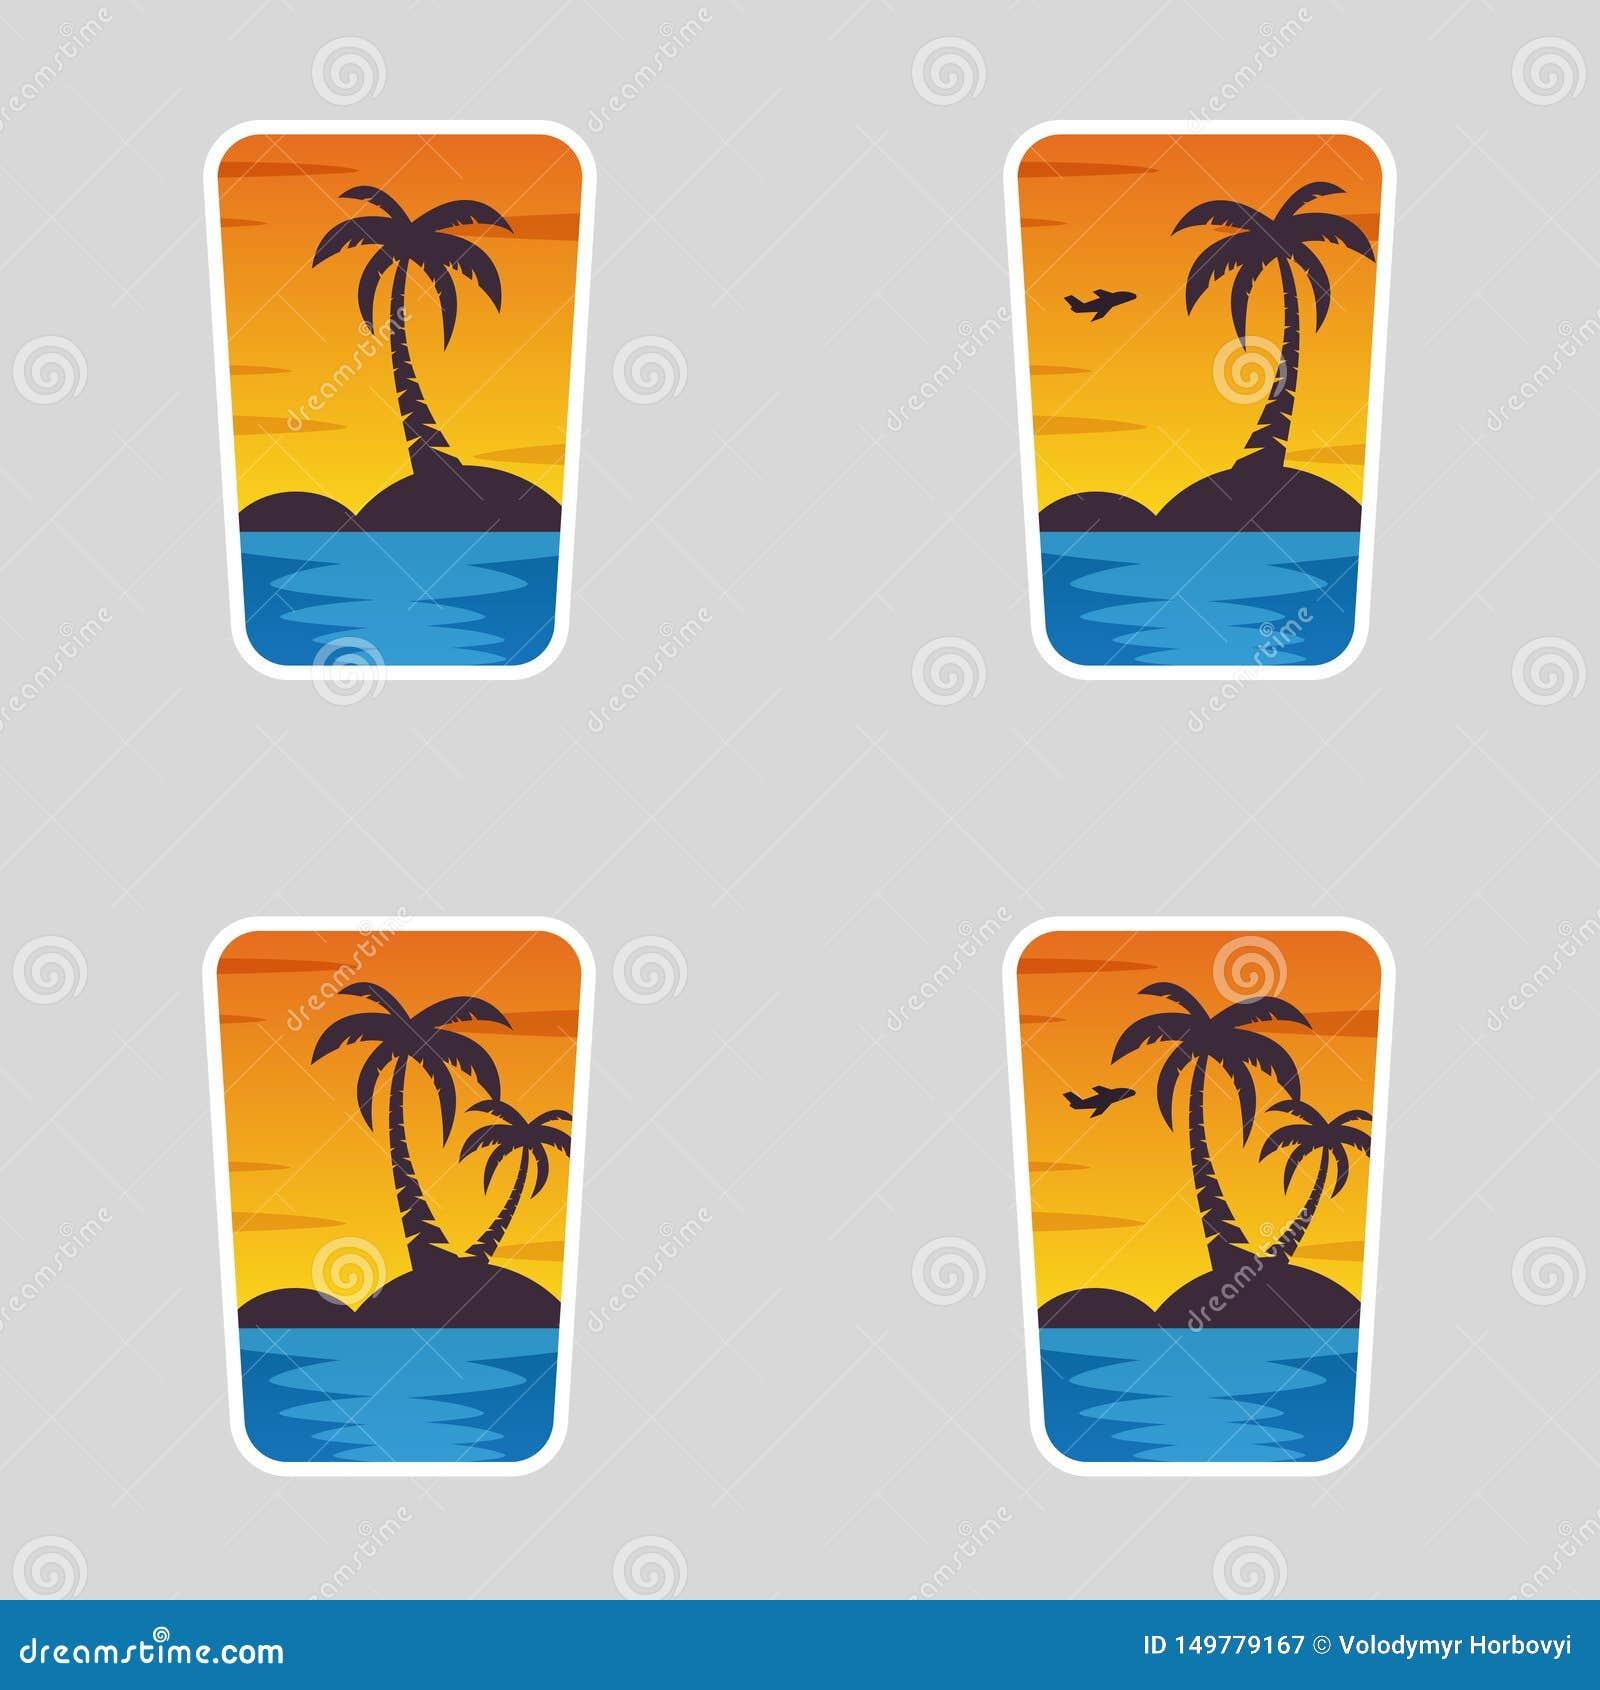 4 in 1 logotypes, Summer